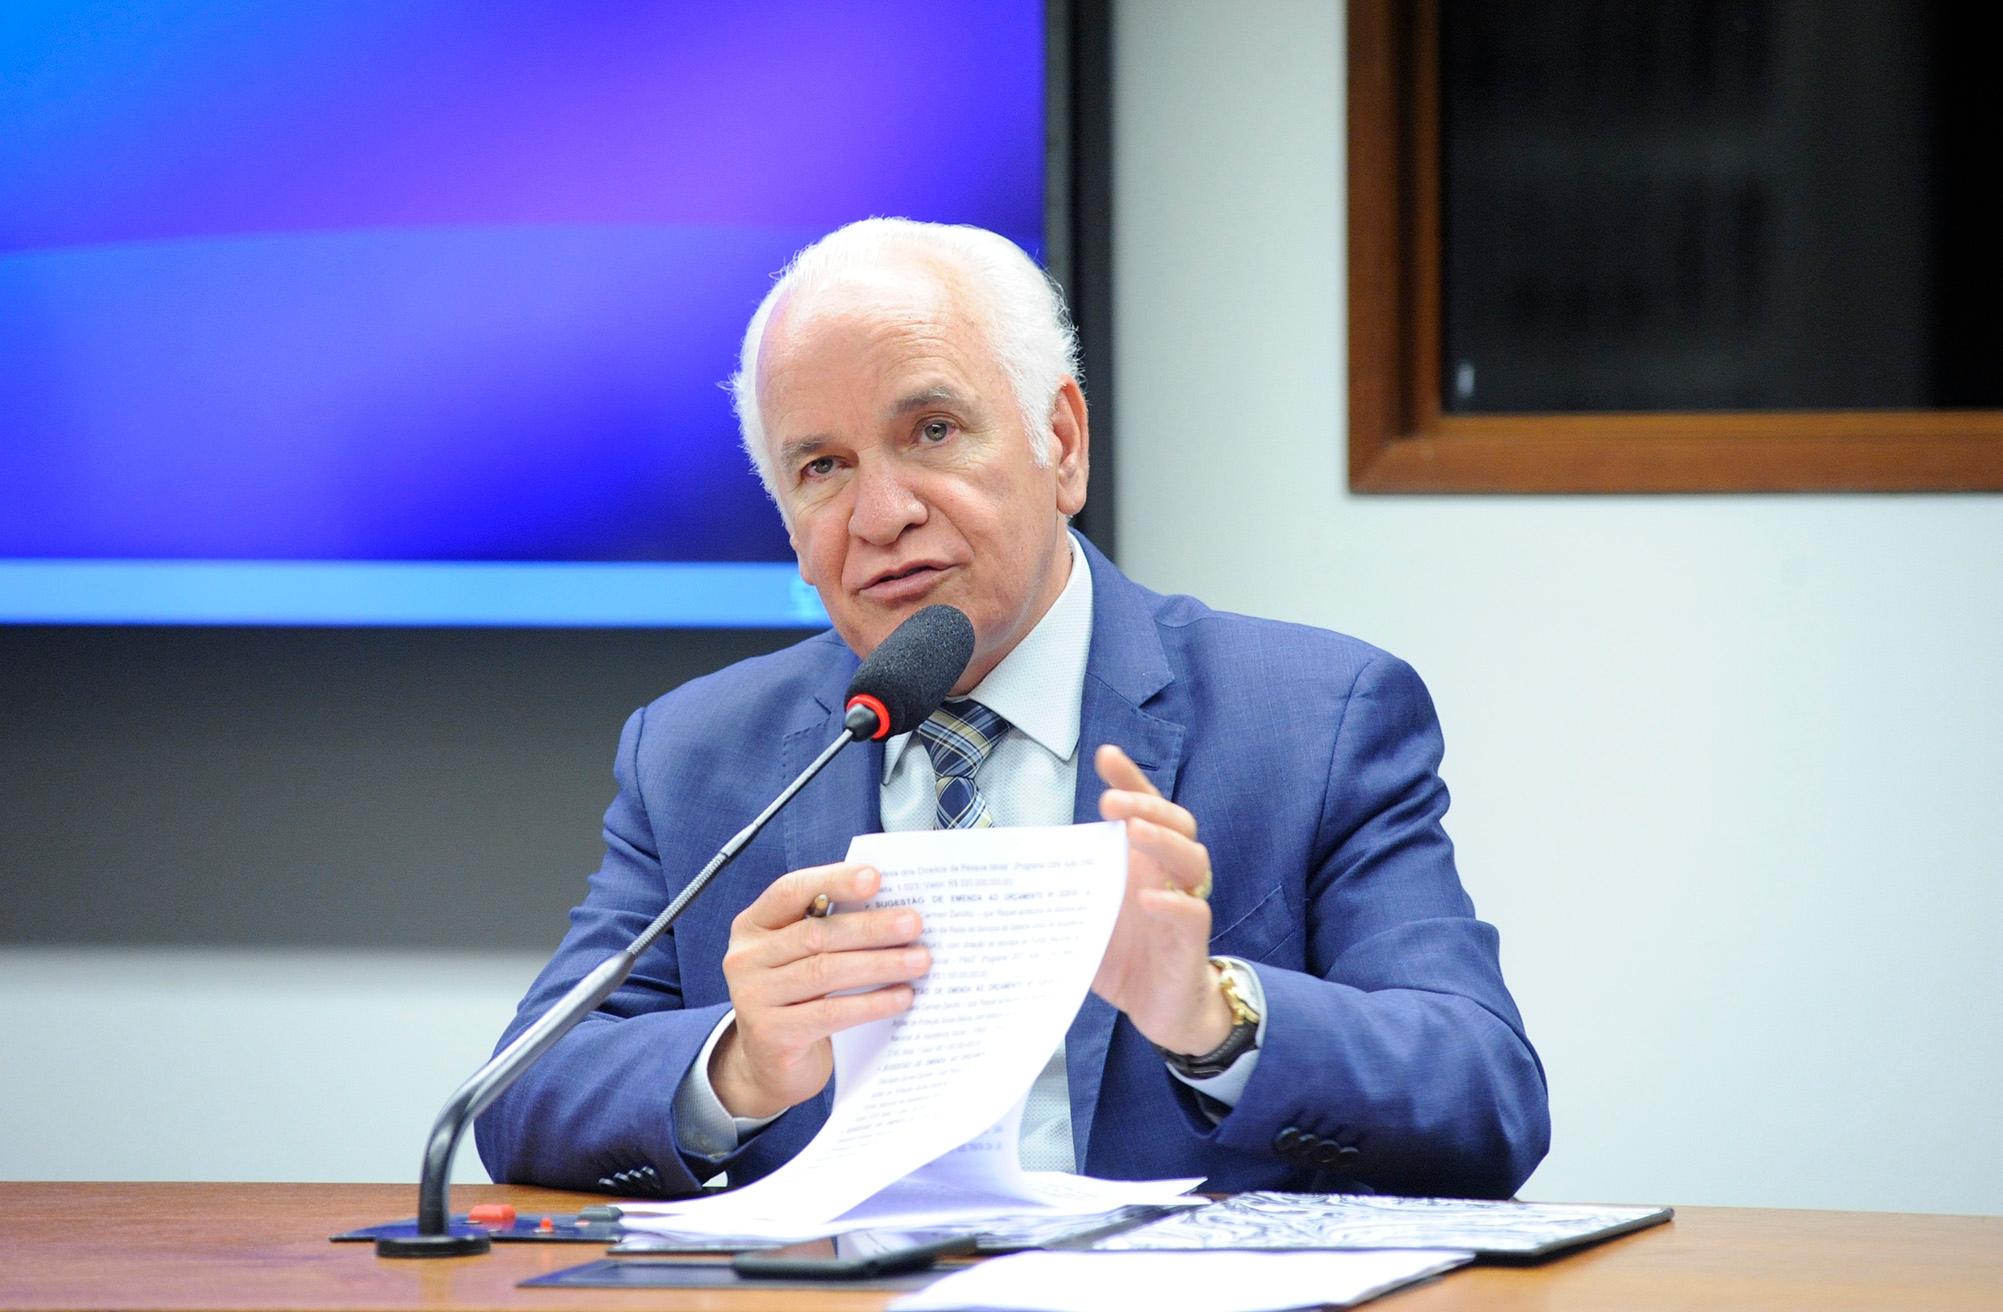 Reunião Ordinária para apreciação das Emendas ao Projeto da Lei Orçamentária Anual de 2019 (Projeto de Lei nº 027/2018-CN). Dep. Gilberto Nascimento (PSC - SP)